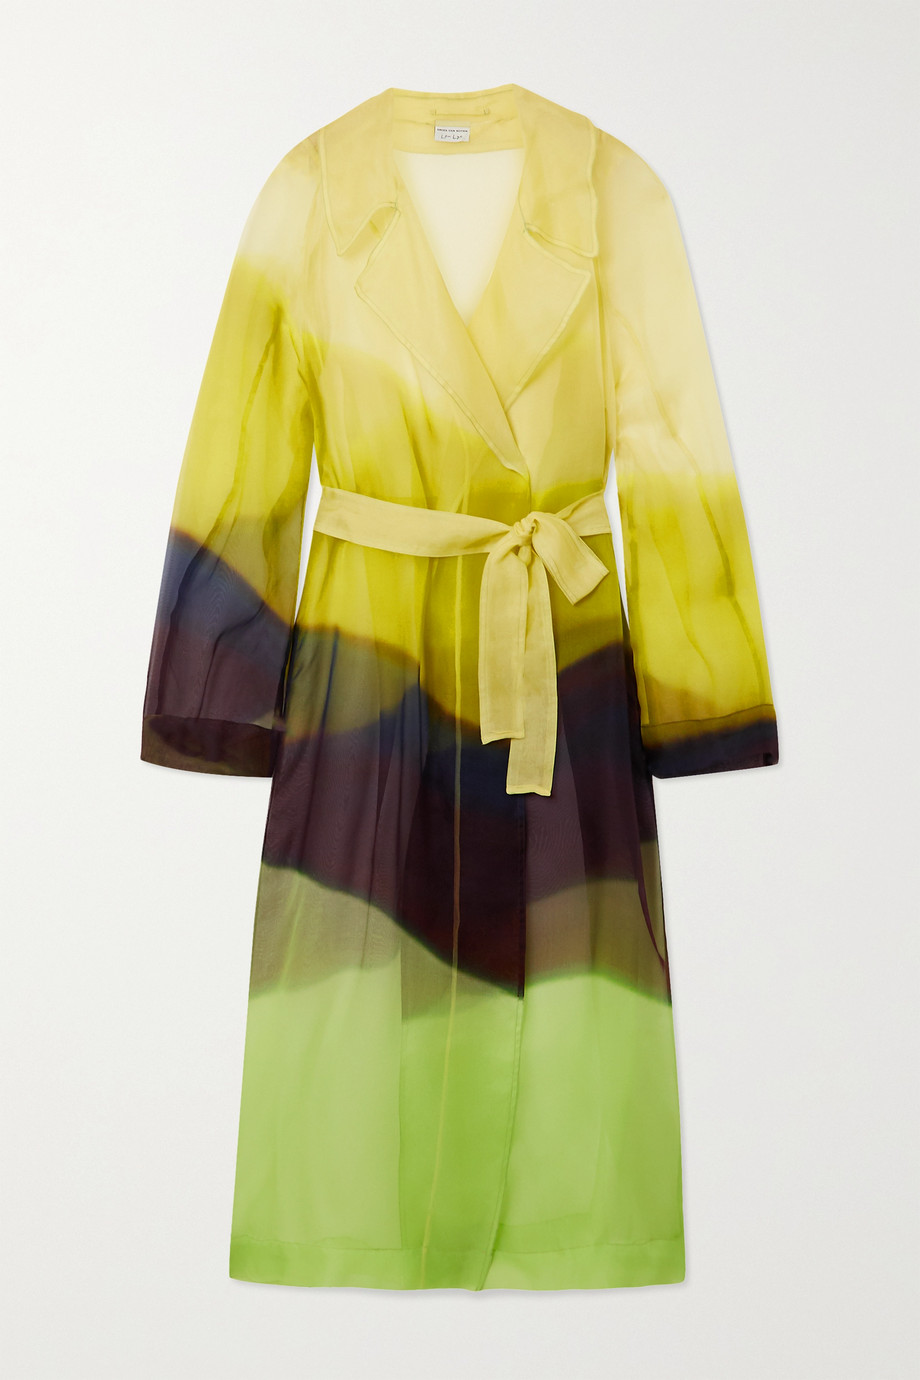 Dries Van Noten Rozan belted color-block silk-organza trench coat